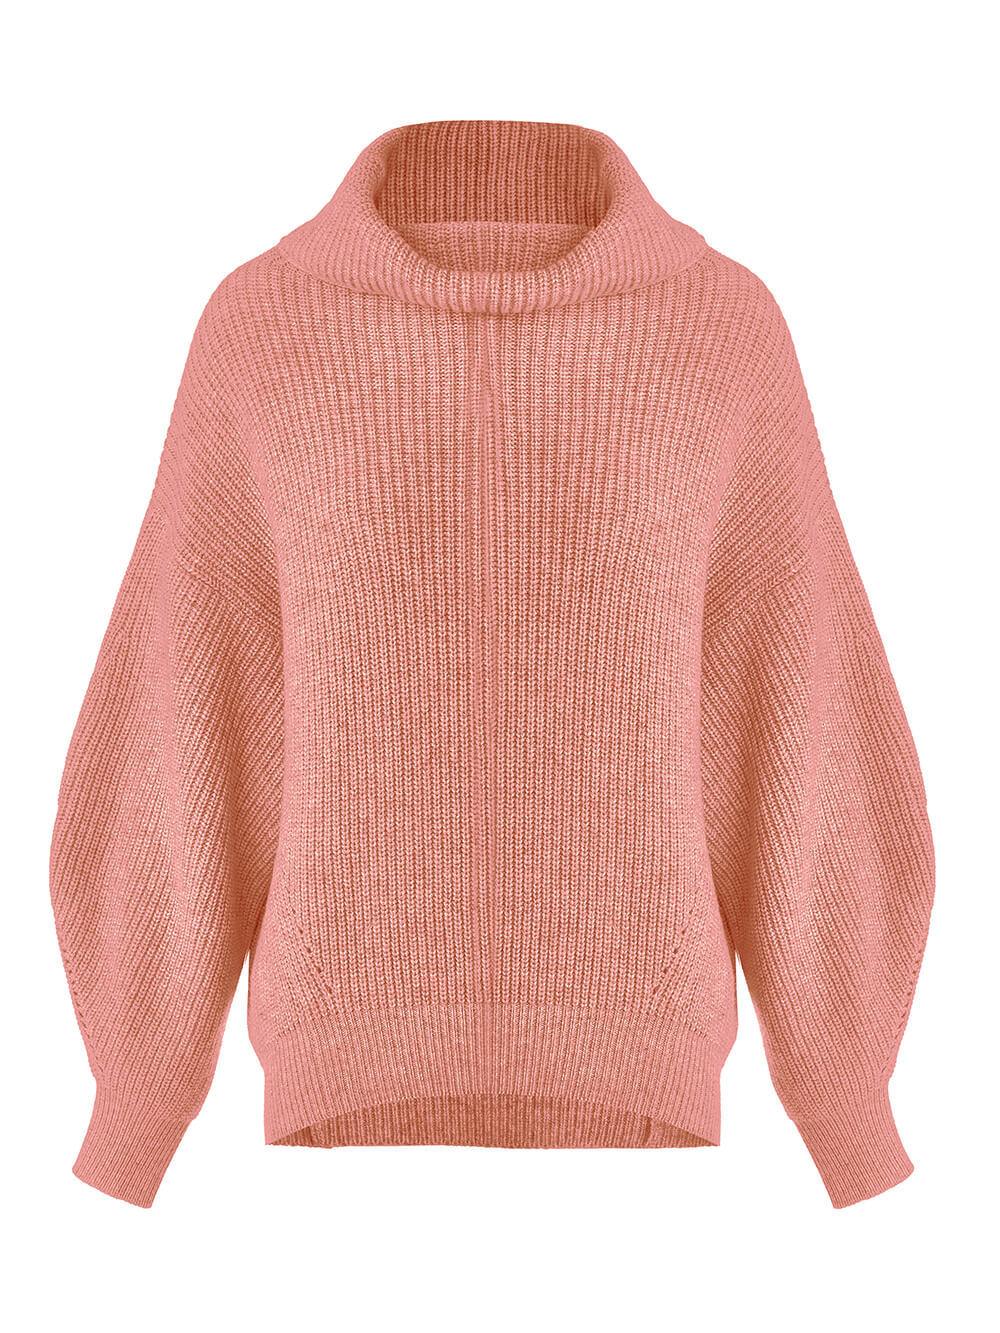 Женский свитер кораллового цвета из шерсти и кашемира - фото 1